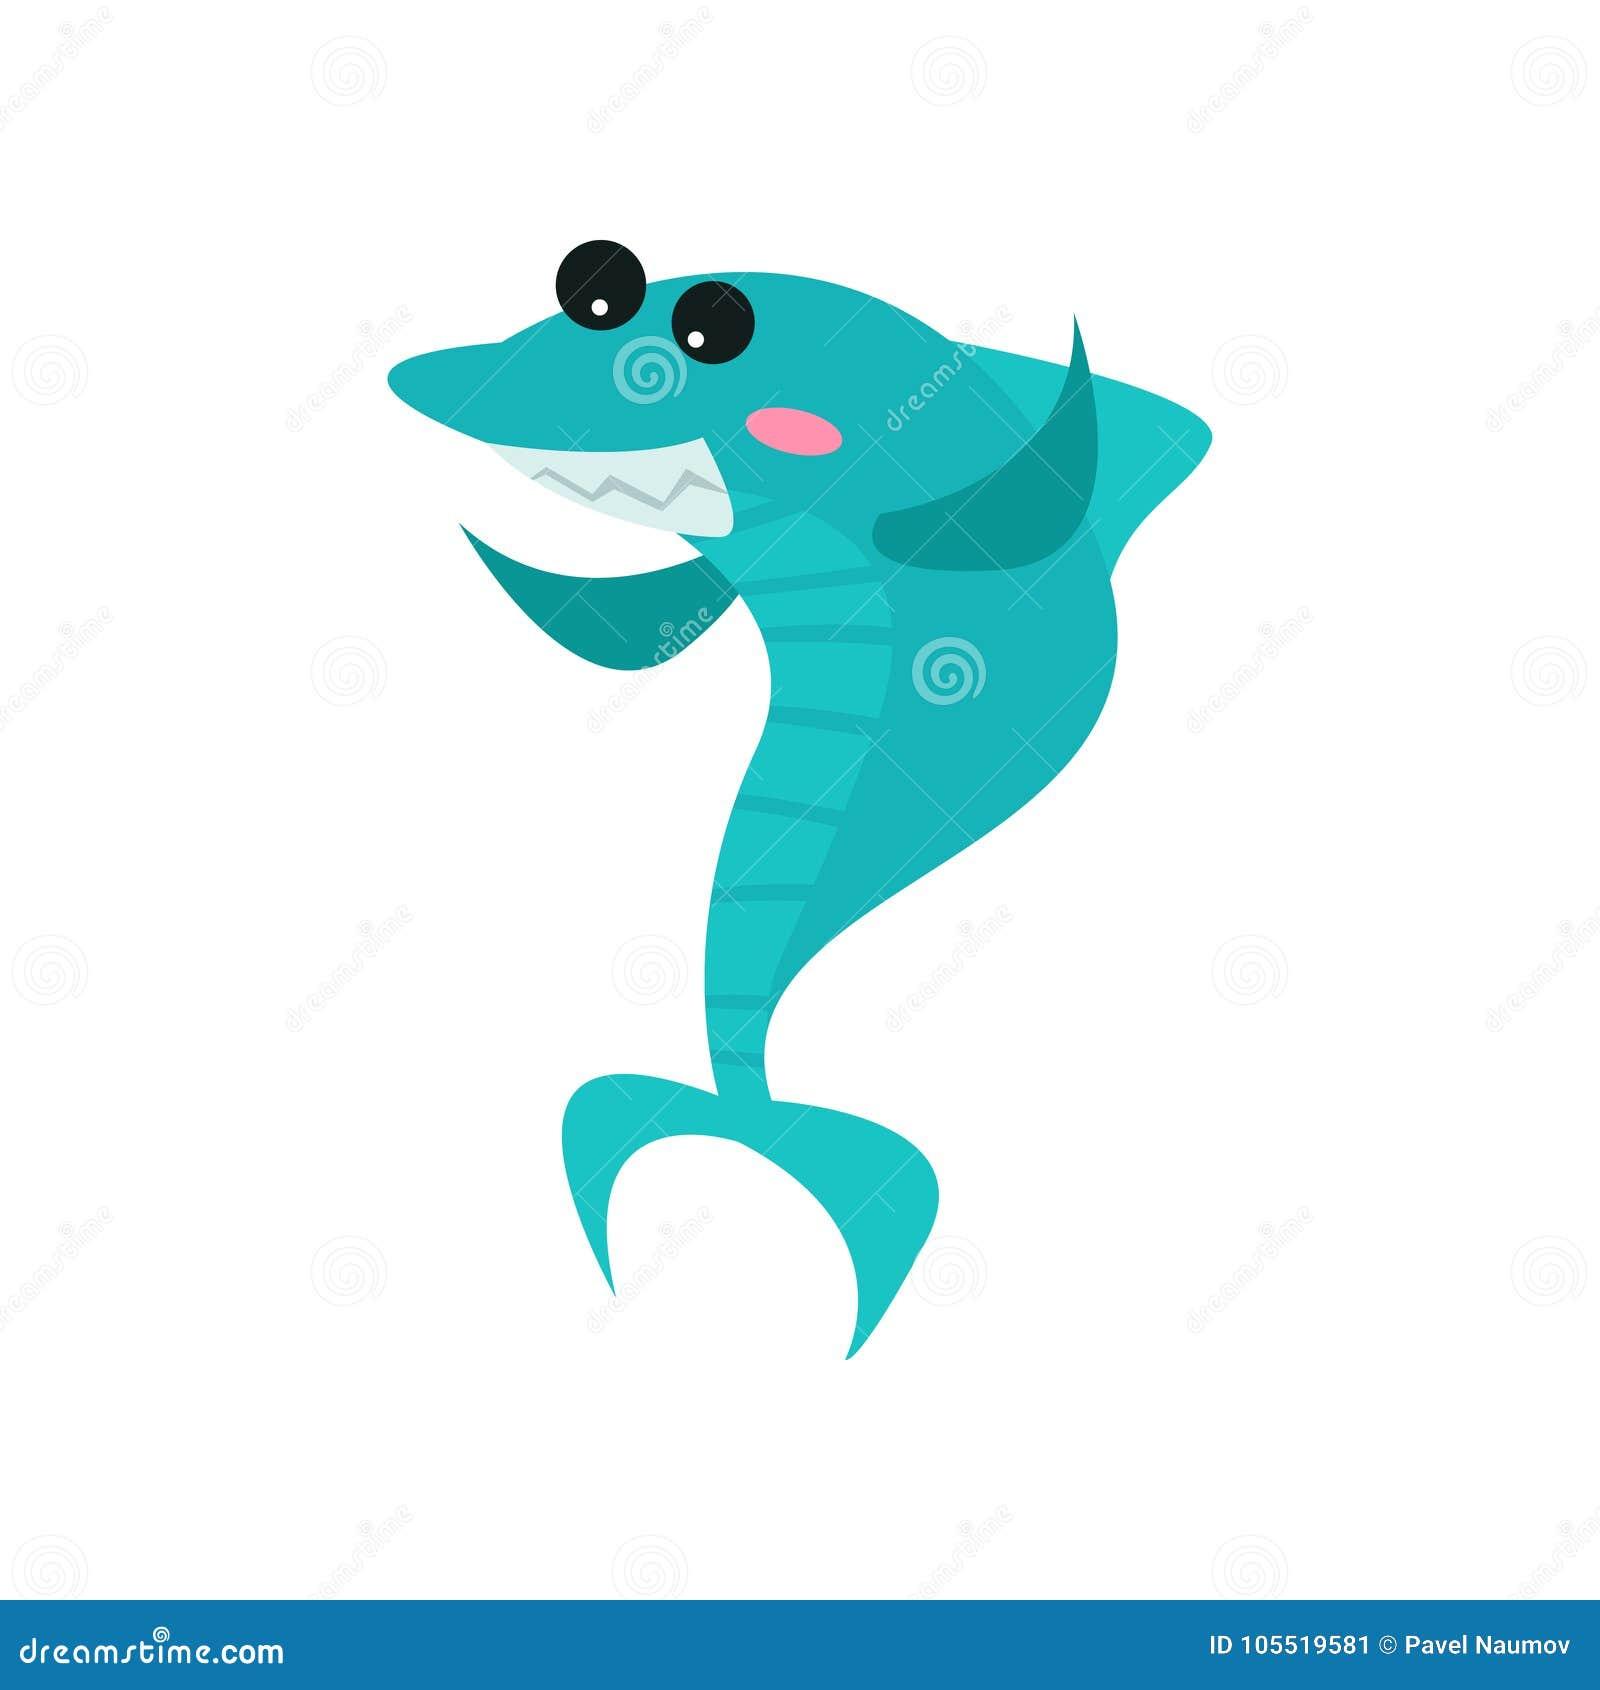 Χαριτωμένος εύθυμος χαρακτήρας κινουμένων σχεδίων καρχαριών, αστεία μπλε διανυσματική απεικόνιση ψαριών